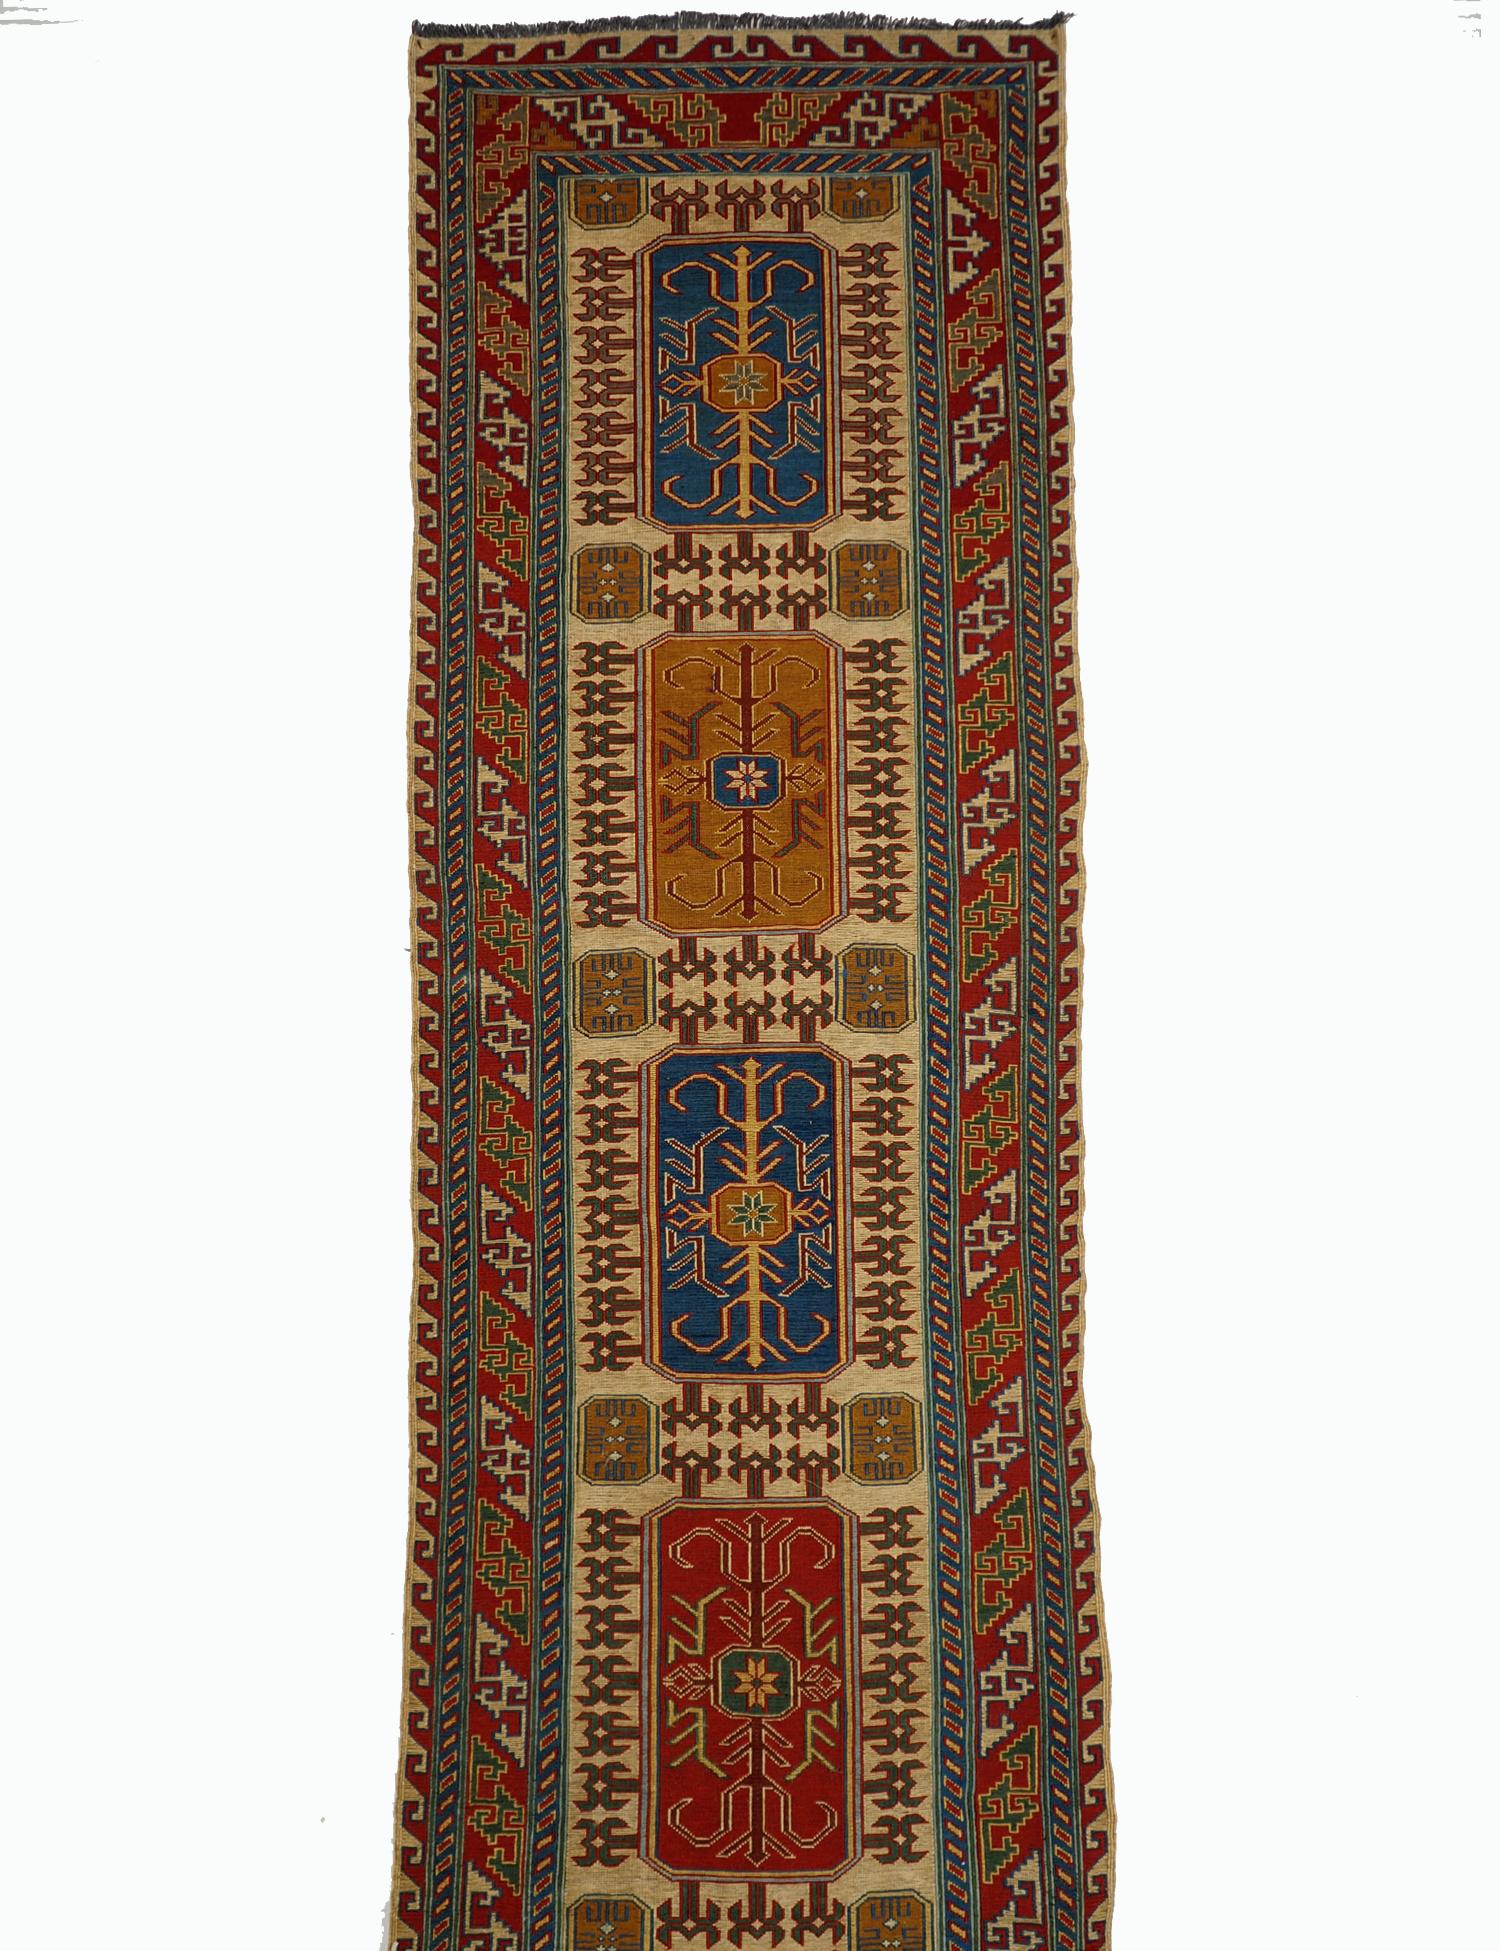 390x78 cm orient handgewebte kaukasisch Teppich Nomaden sumakh kelim teppich läufer galerie teppich Treppenteppich Nr-WL/L